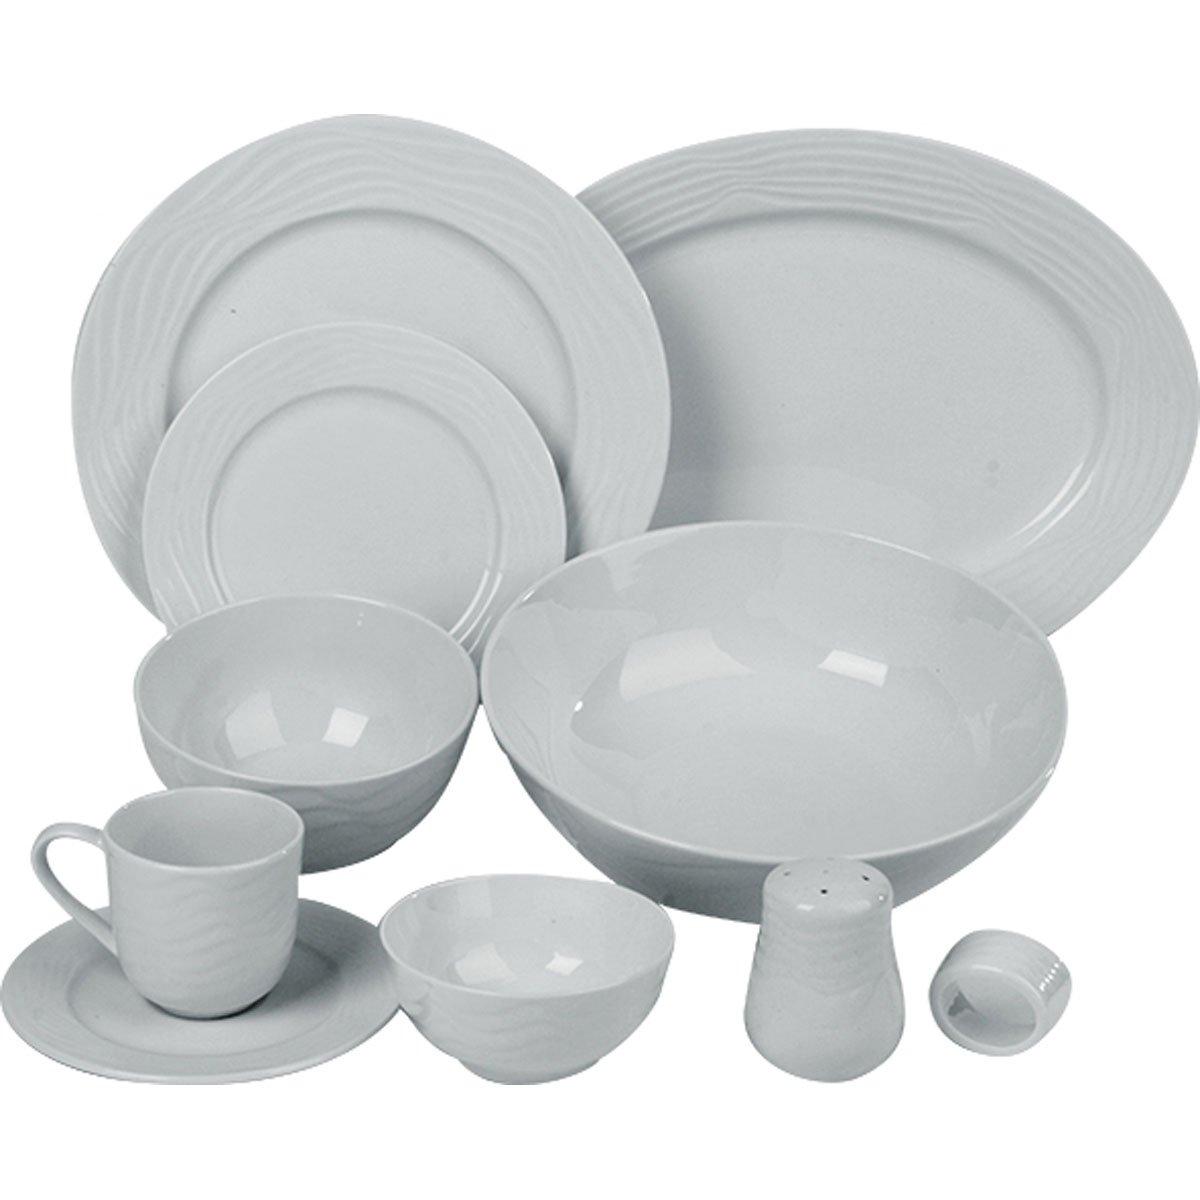 Vajilla 46 piezas ceramica blanca gibson sears com mx for Vajilla ceramica